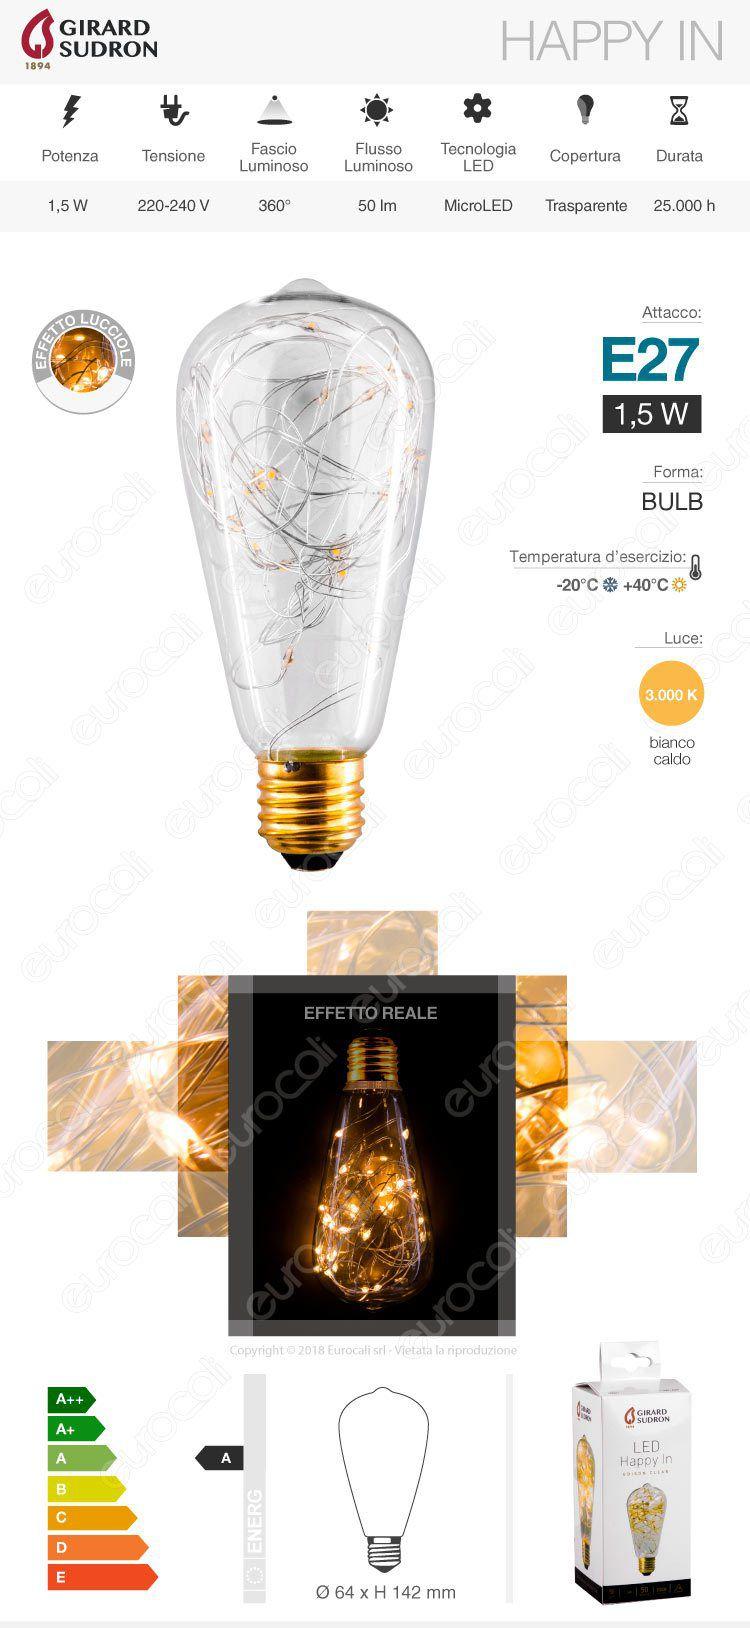 lampada led e27 girard sudron filamento led